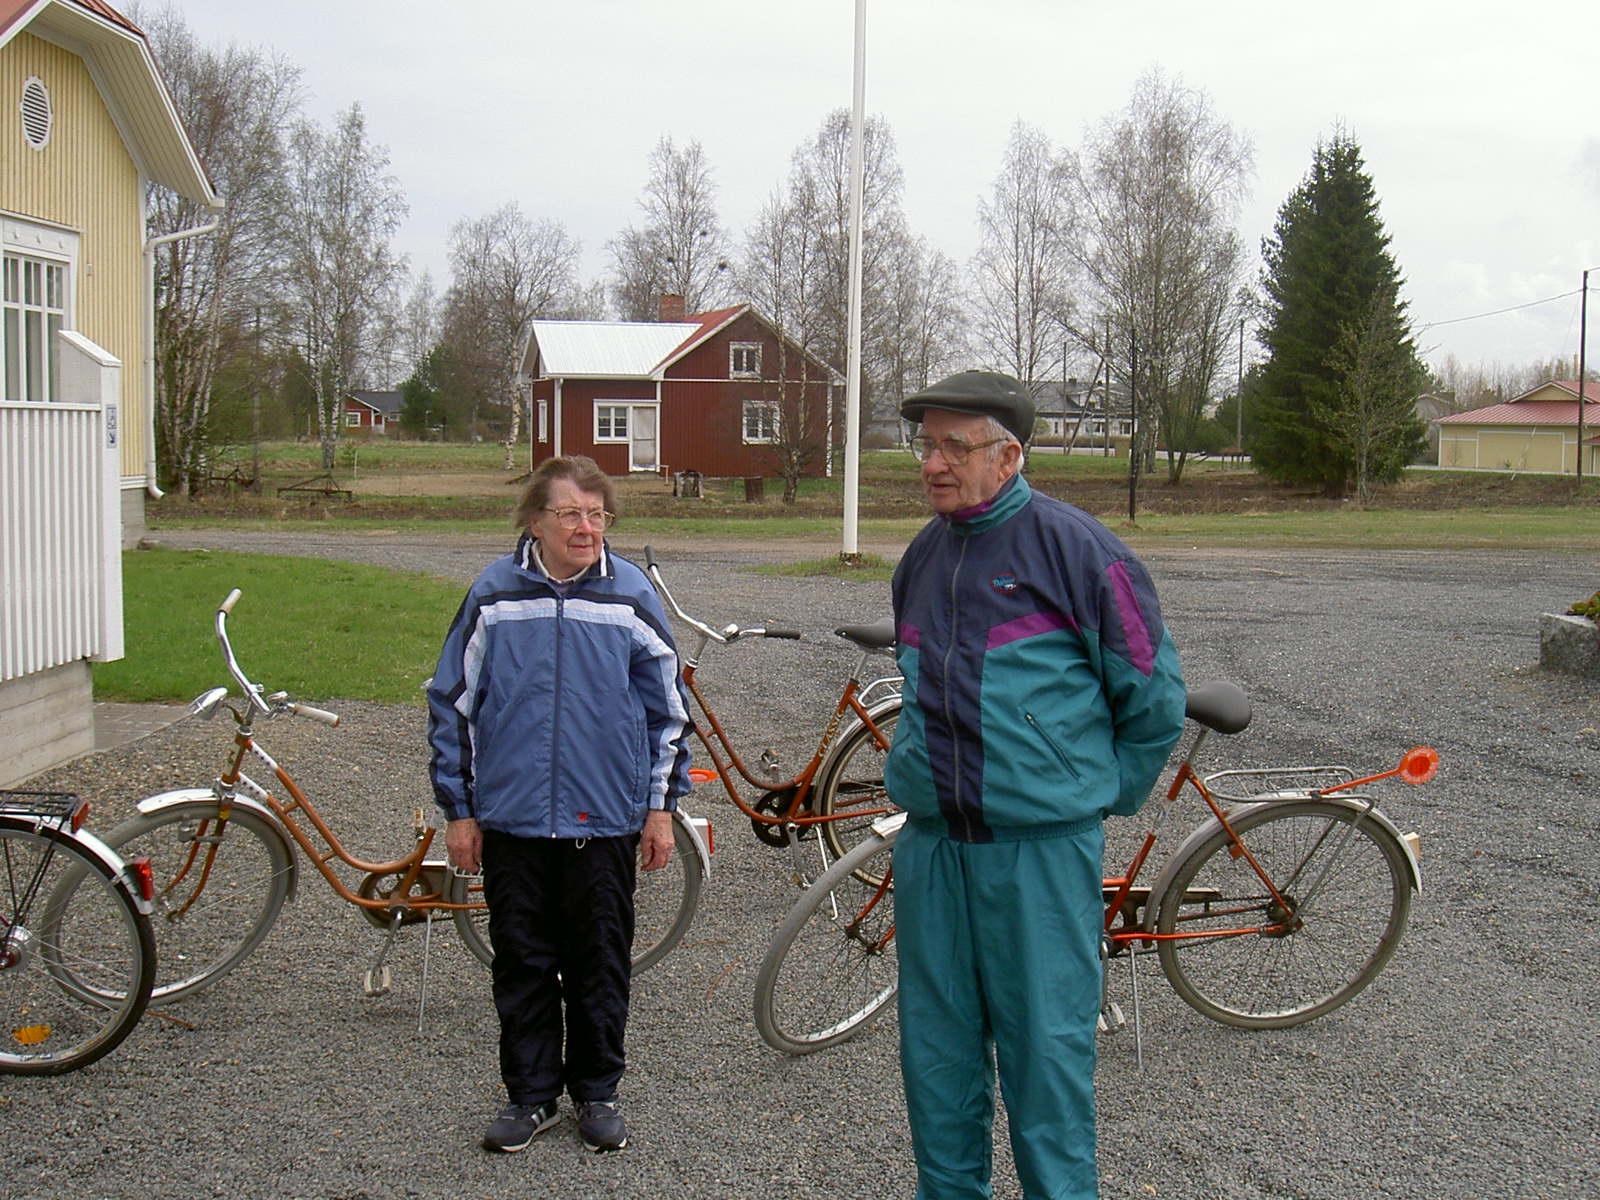 Jenny och Ragnar Backlund deltog i ungdomsföreningens cykeljippo vid Majbo år 2003. Den röda gården i bakgrunden är fröken Elin Rosenbacks gård, som har renoverats och bytts till av de nuvarande ägarna. Längst till höger Papron-huset, som år 2016 övertogs av Kerno.